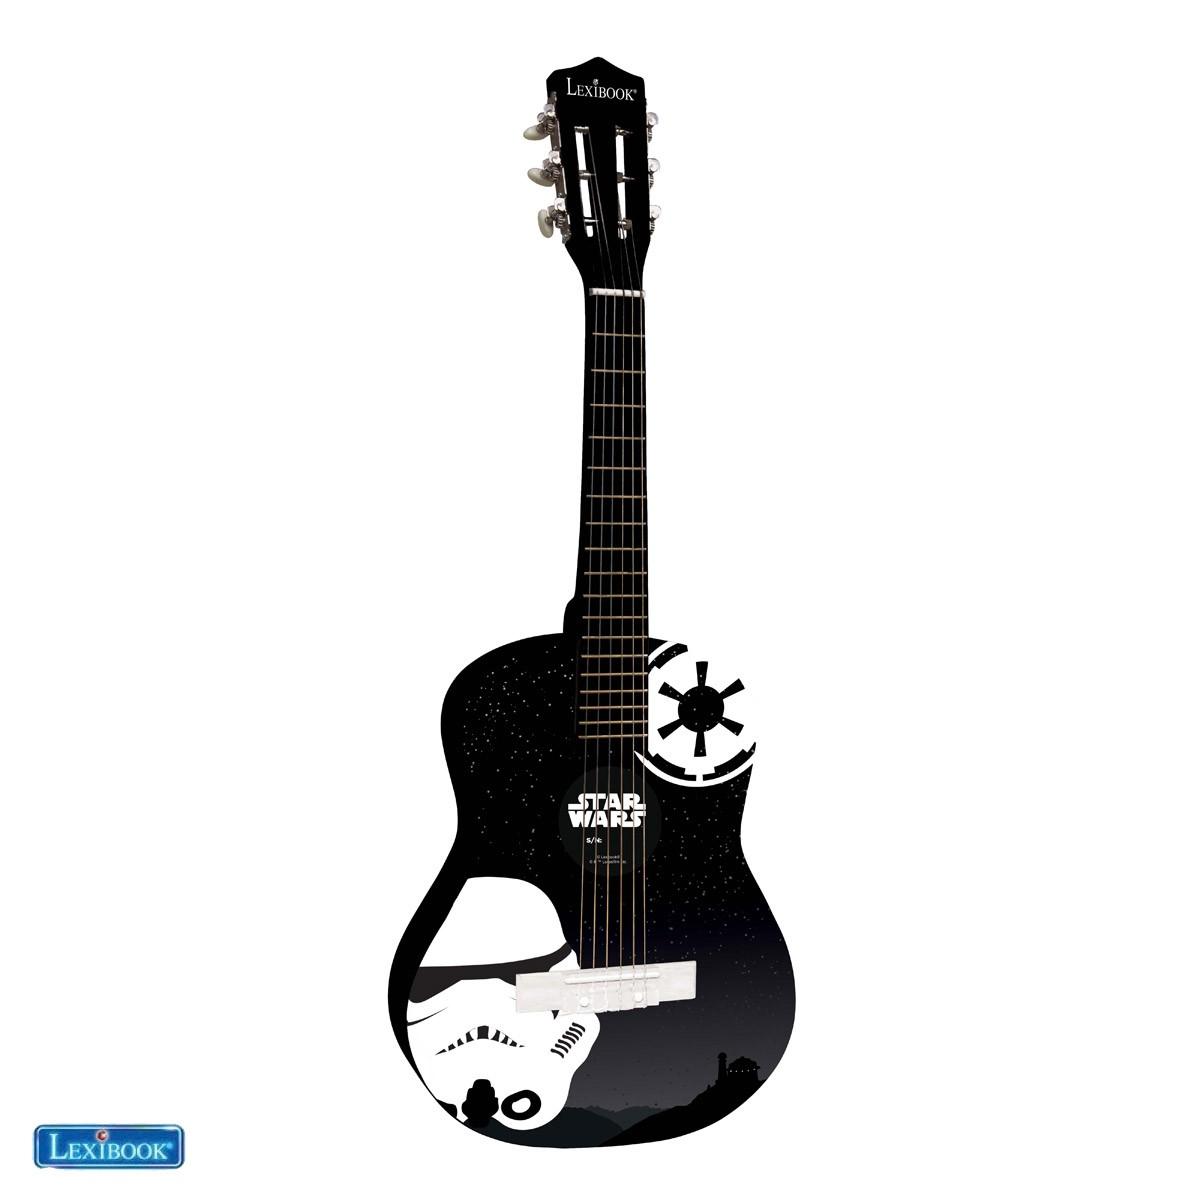 Star Wars Rey Poe Finn BB-8 Wooden Acoustic Guitar - Lexibook K2000SW-4